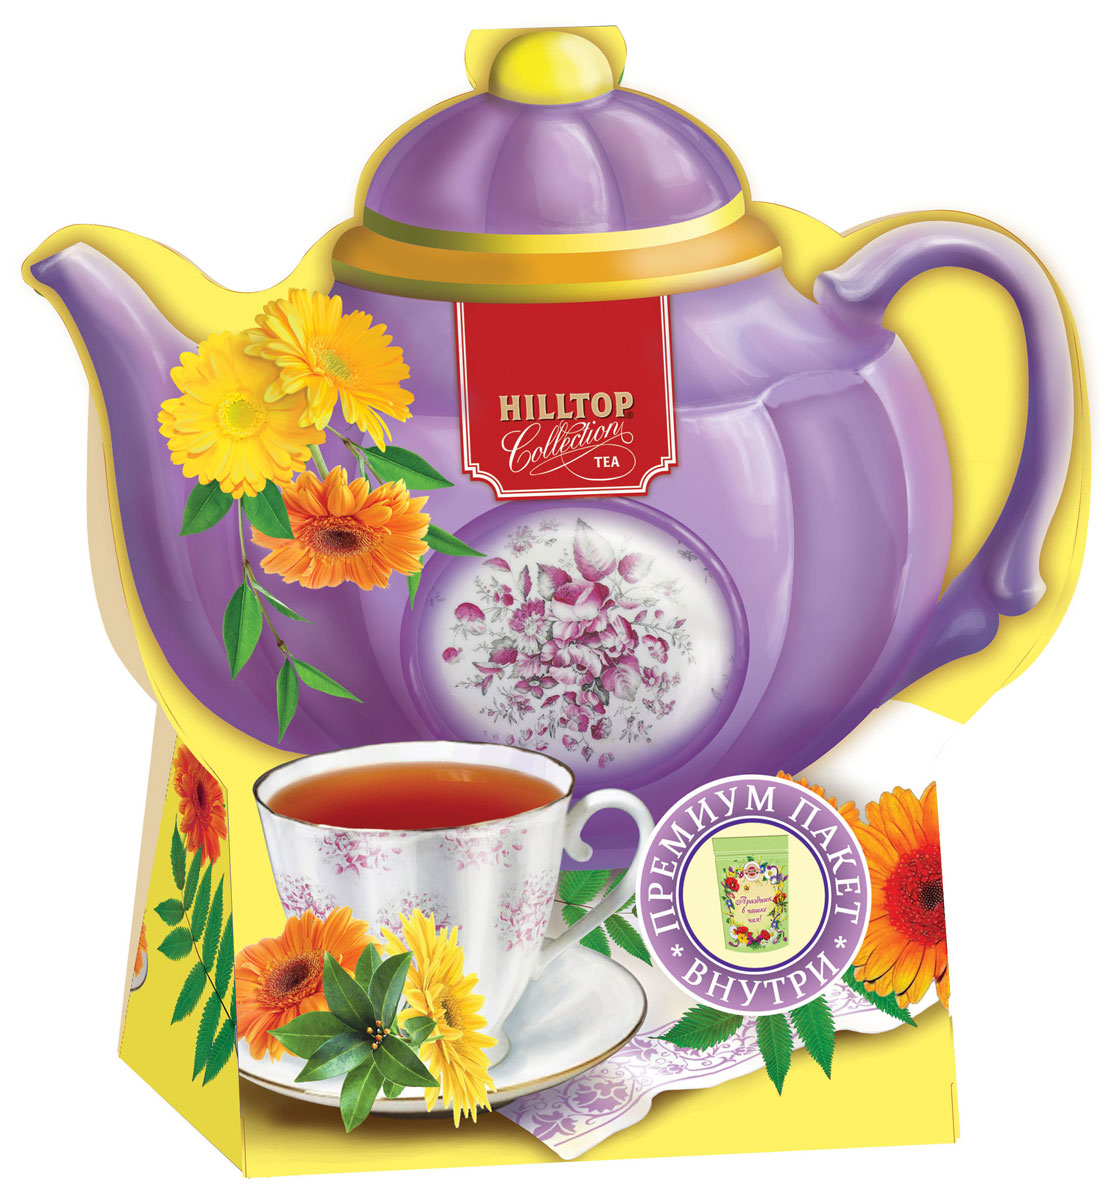 Hilltop Подарок Цейлона черный листовой чай, 80 г (чайник фиолетовый) чай hilltop чай hilltop подарок цейлона 100г муз колокольчик музыка любви